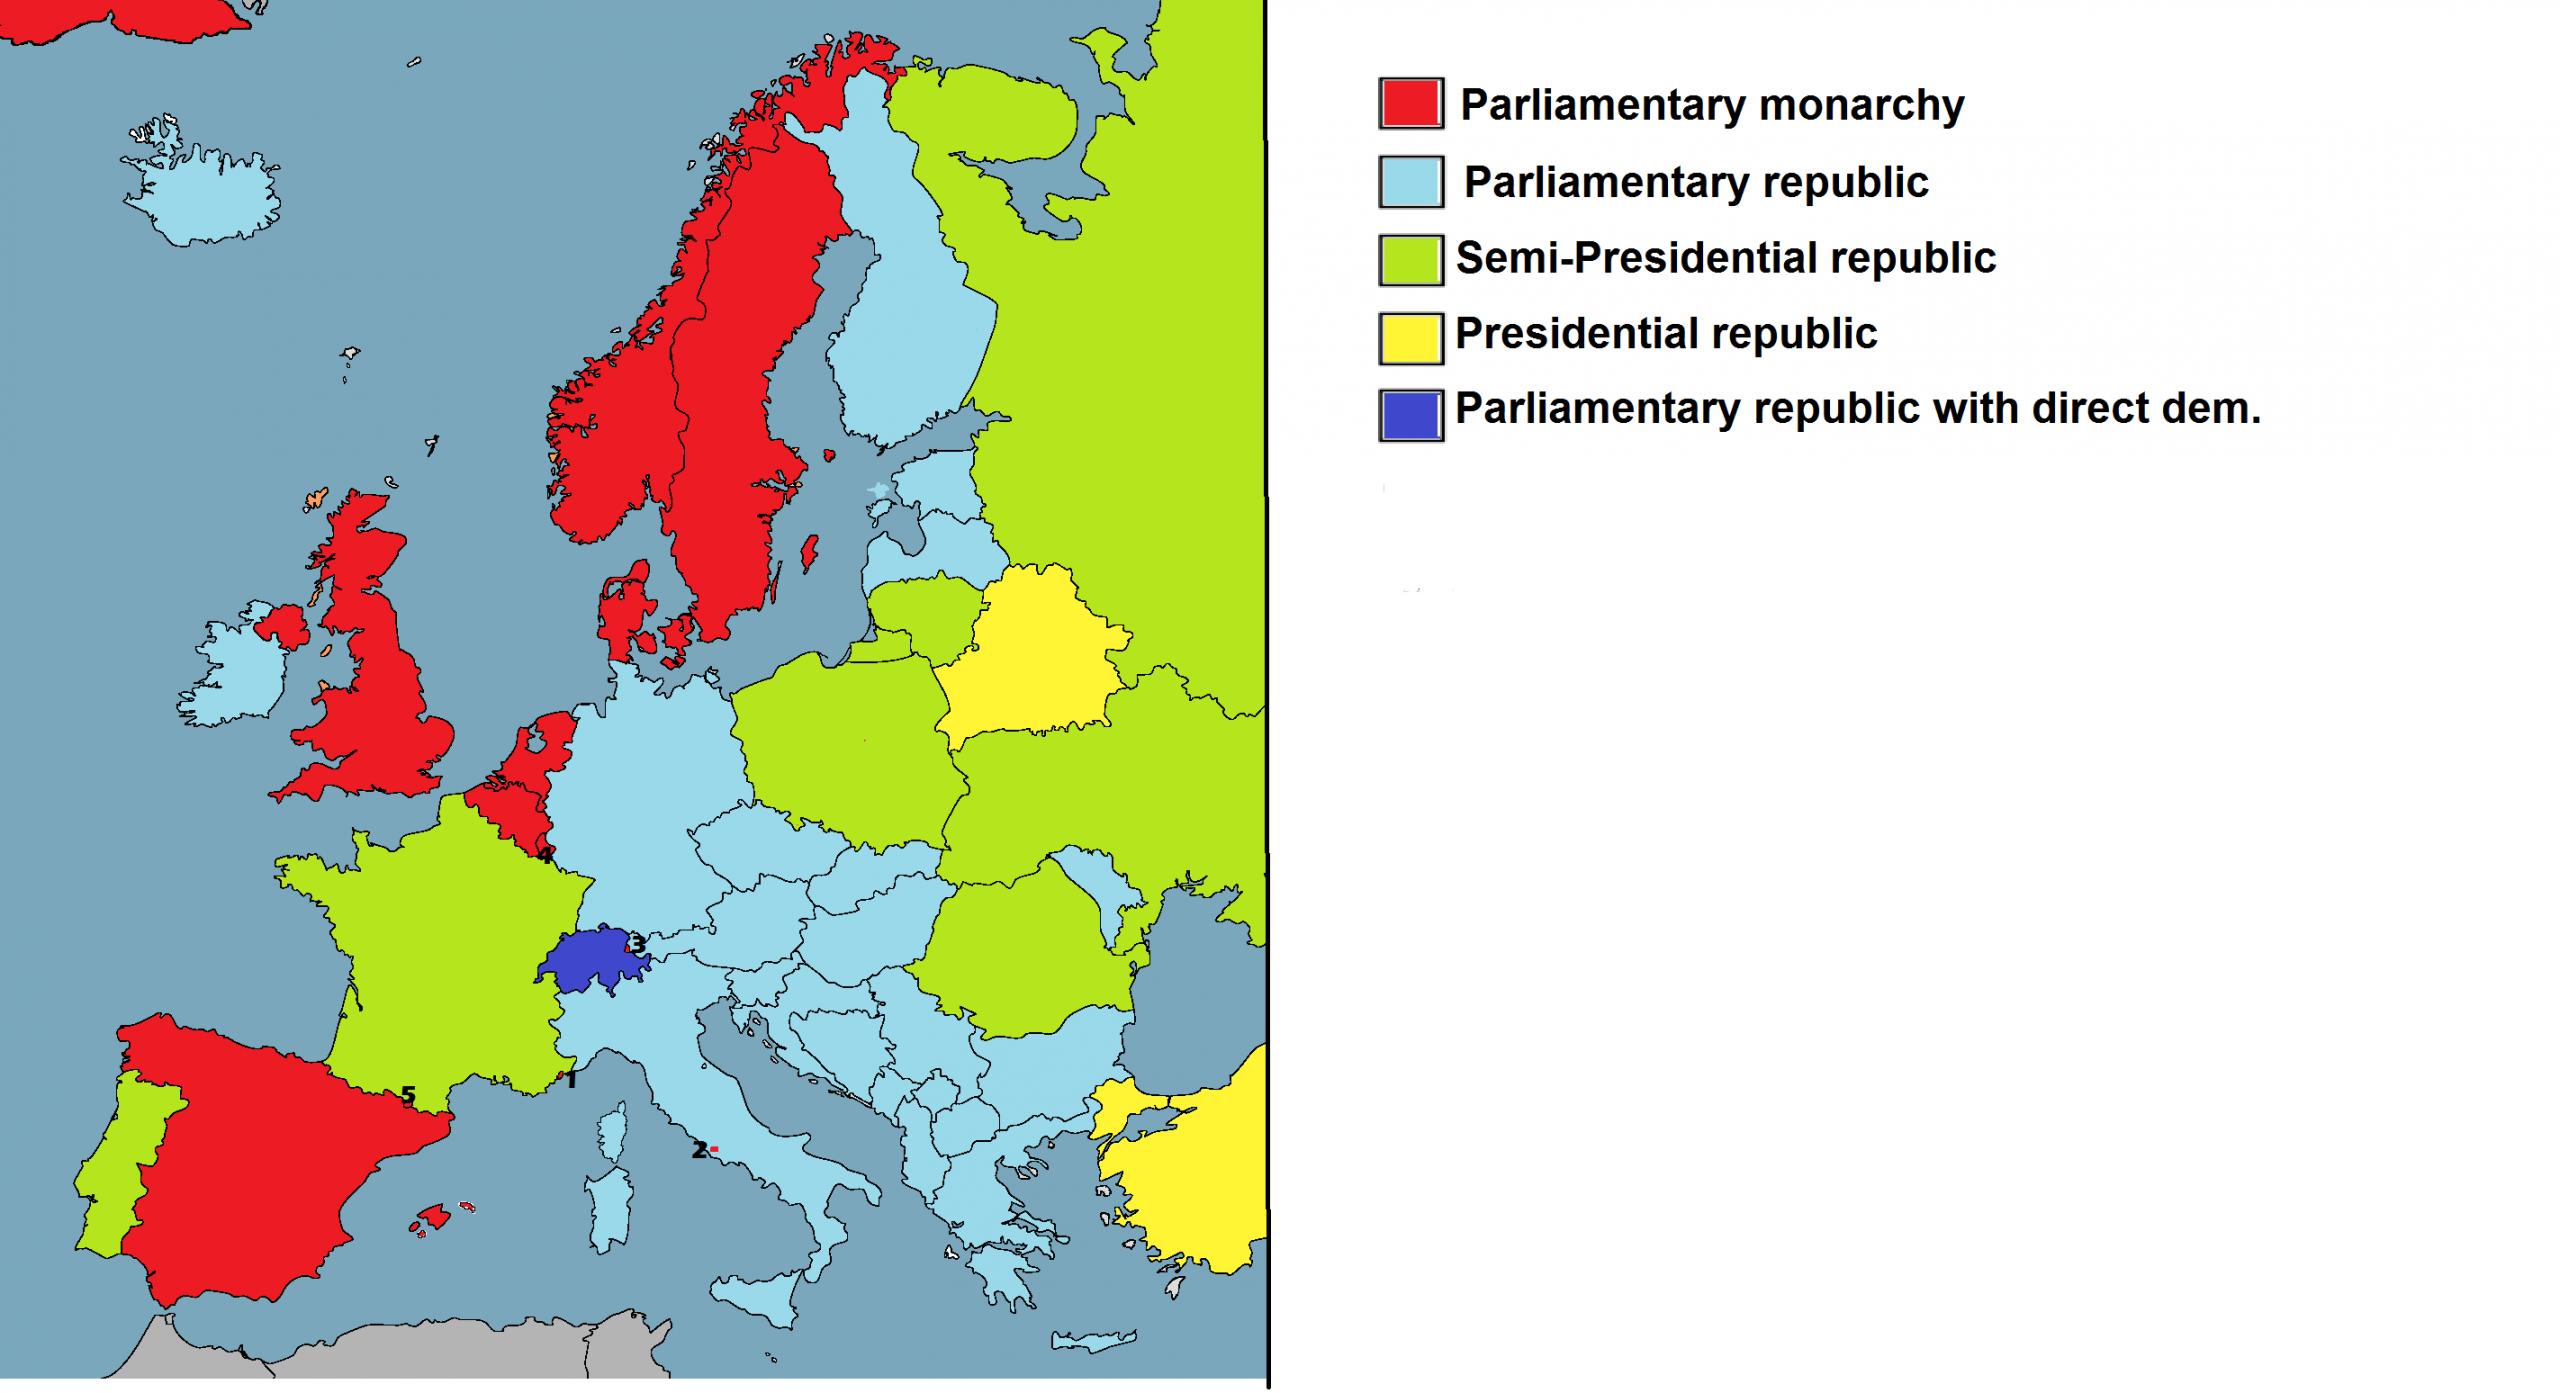 monarchy vs republic